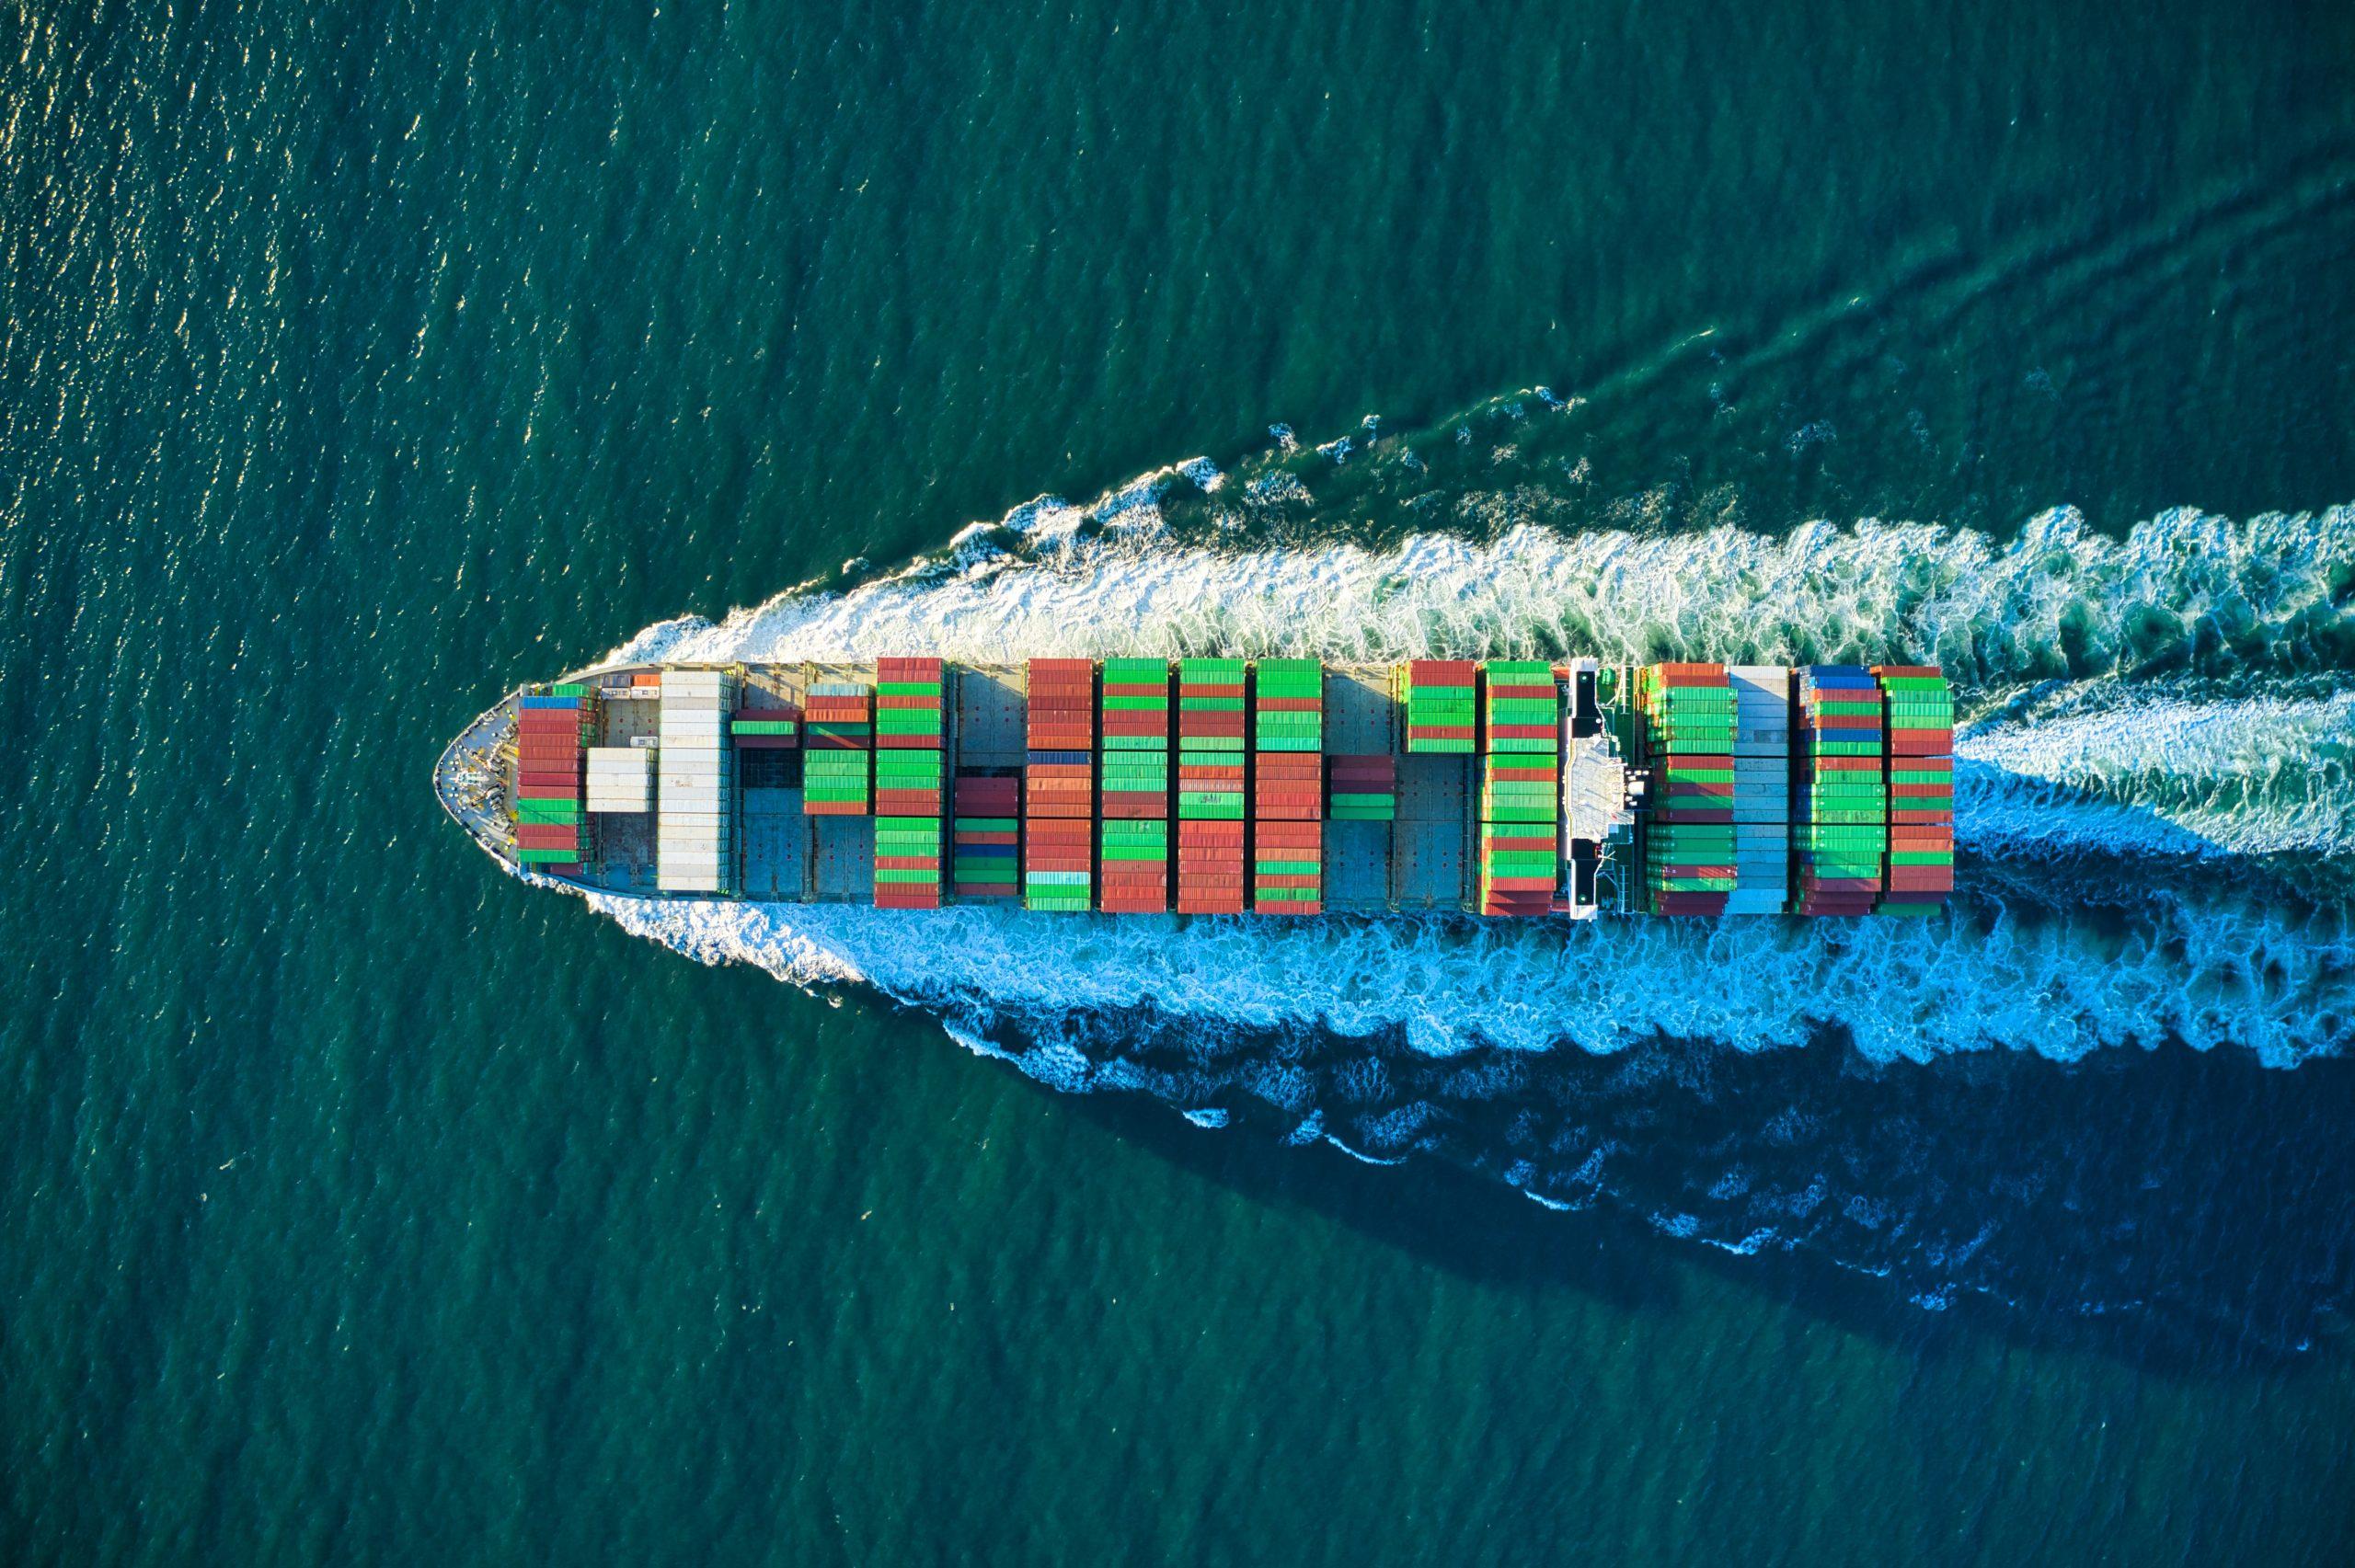 cargo-ships-internet-bull-report